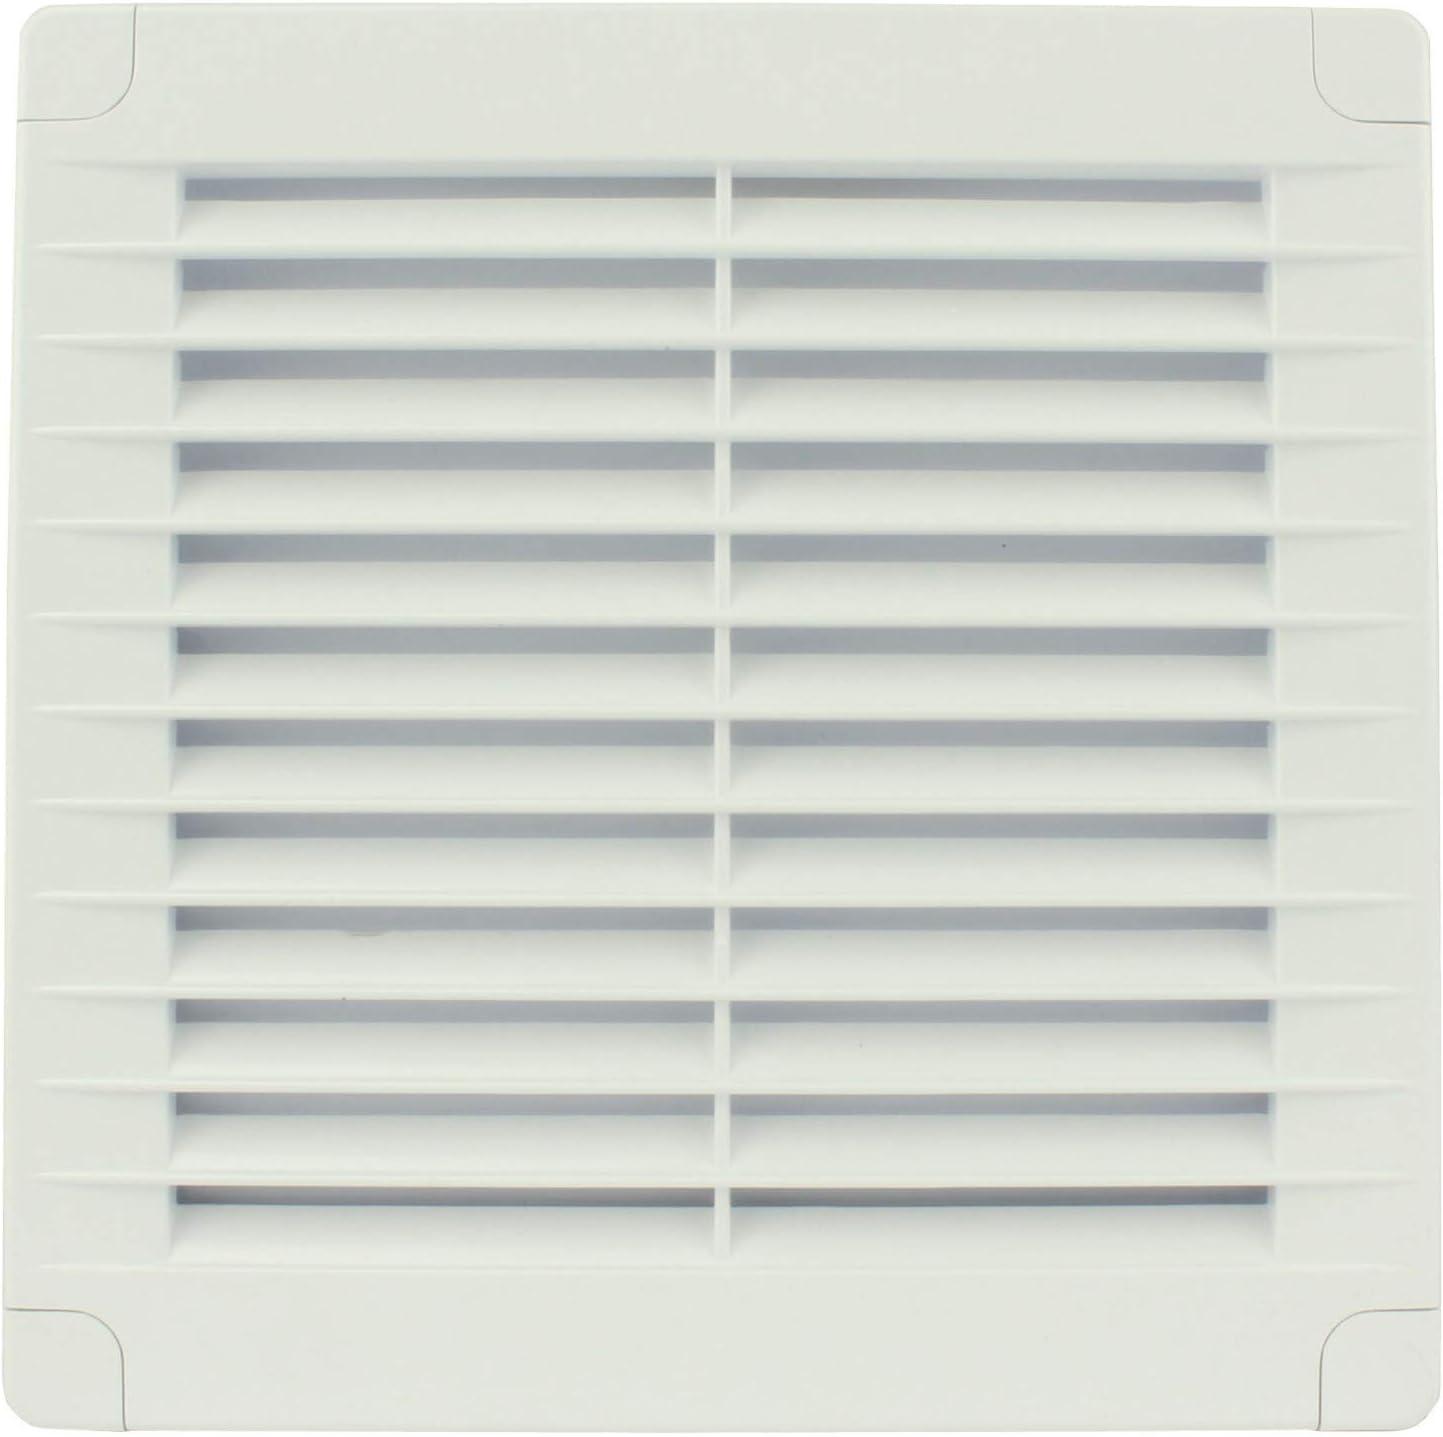 MKK Rejilla de ventilaci/ón Blanco protecci/ón contra la Intemperie, pl/ástico, 170 x 170 mm, Rectangular